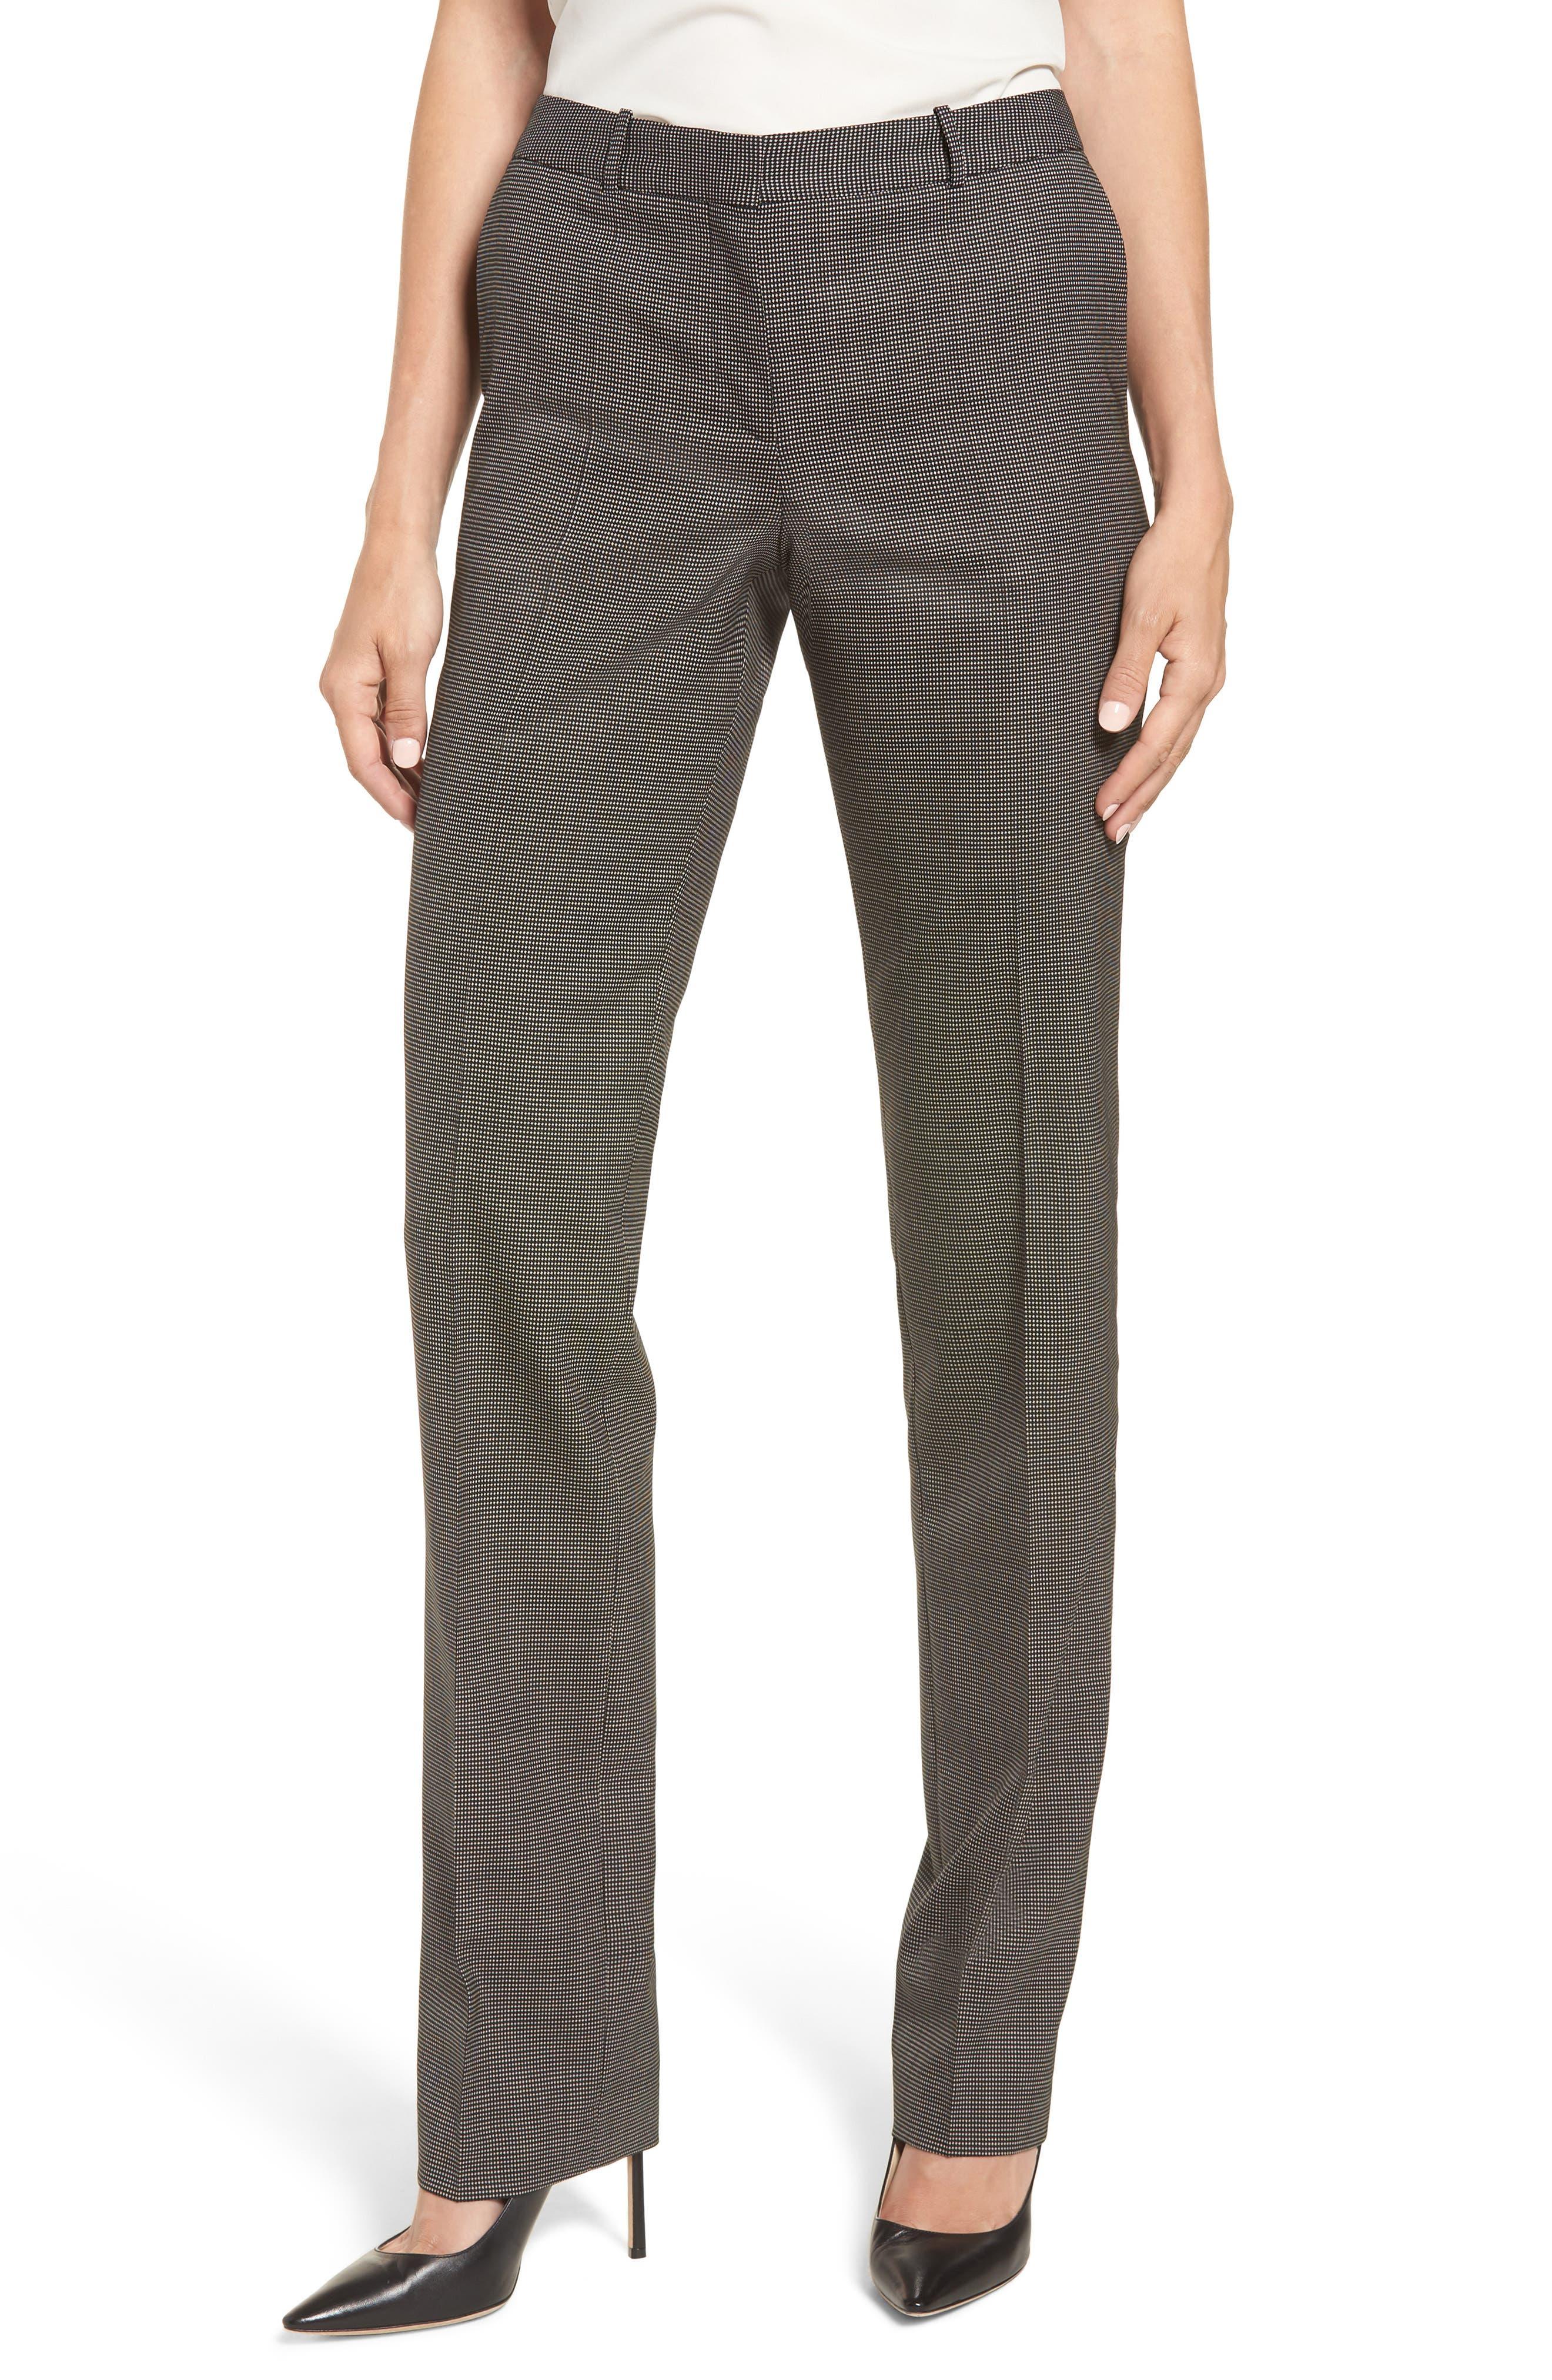 Tamea Minidessin Pants,                         Main,                         color, 071